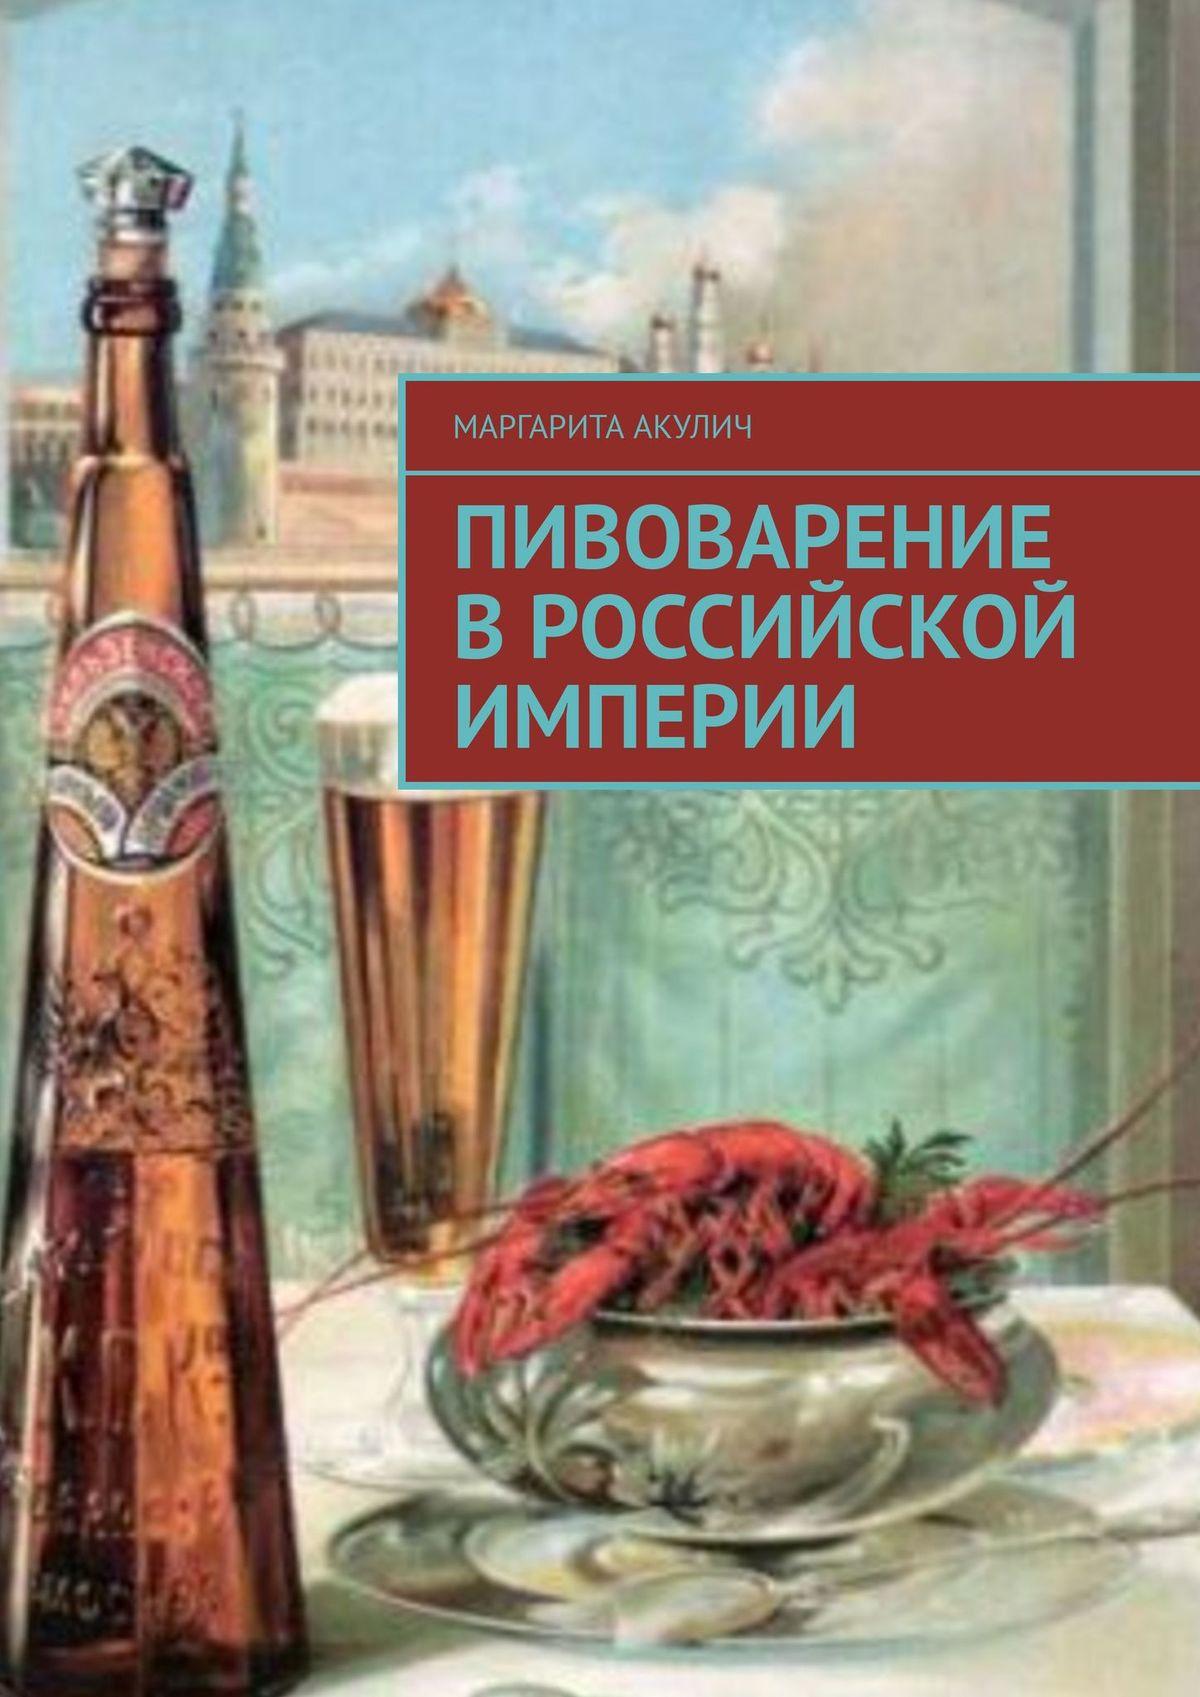 Пивоварение в Российской империи